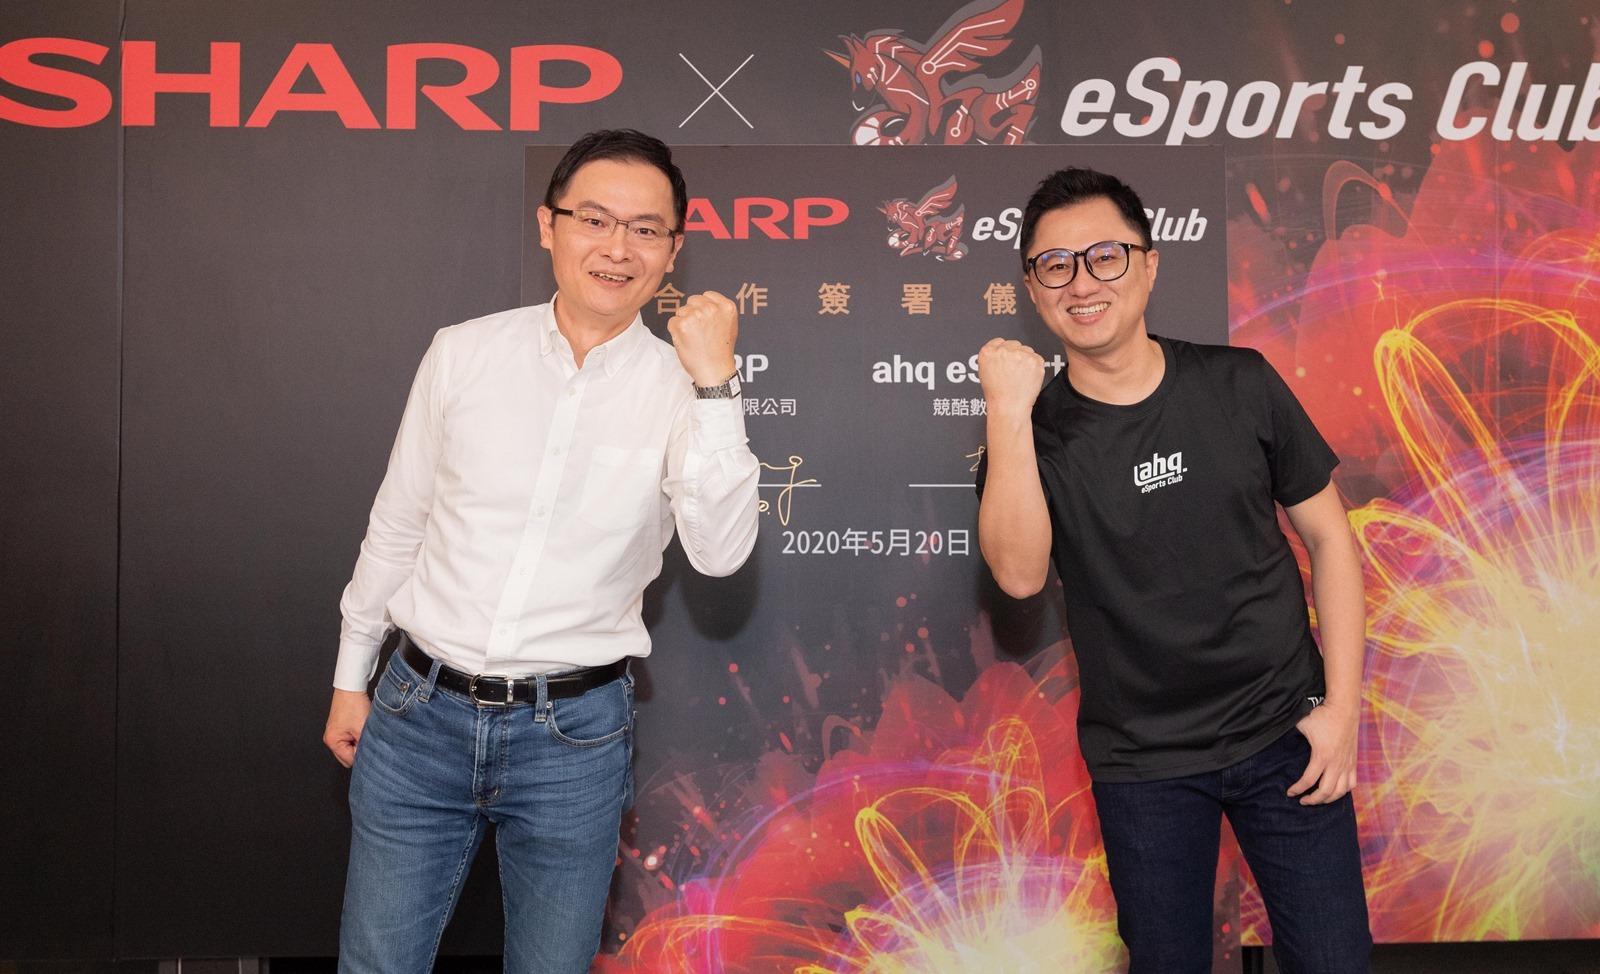 世界最輕僅 141g SHARP AQUOS Zero 2 正式在台上市!跨界贊助 ahq eSports Club 電競俱樂部簽署年度合作 @3C 達人廖阿輝